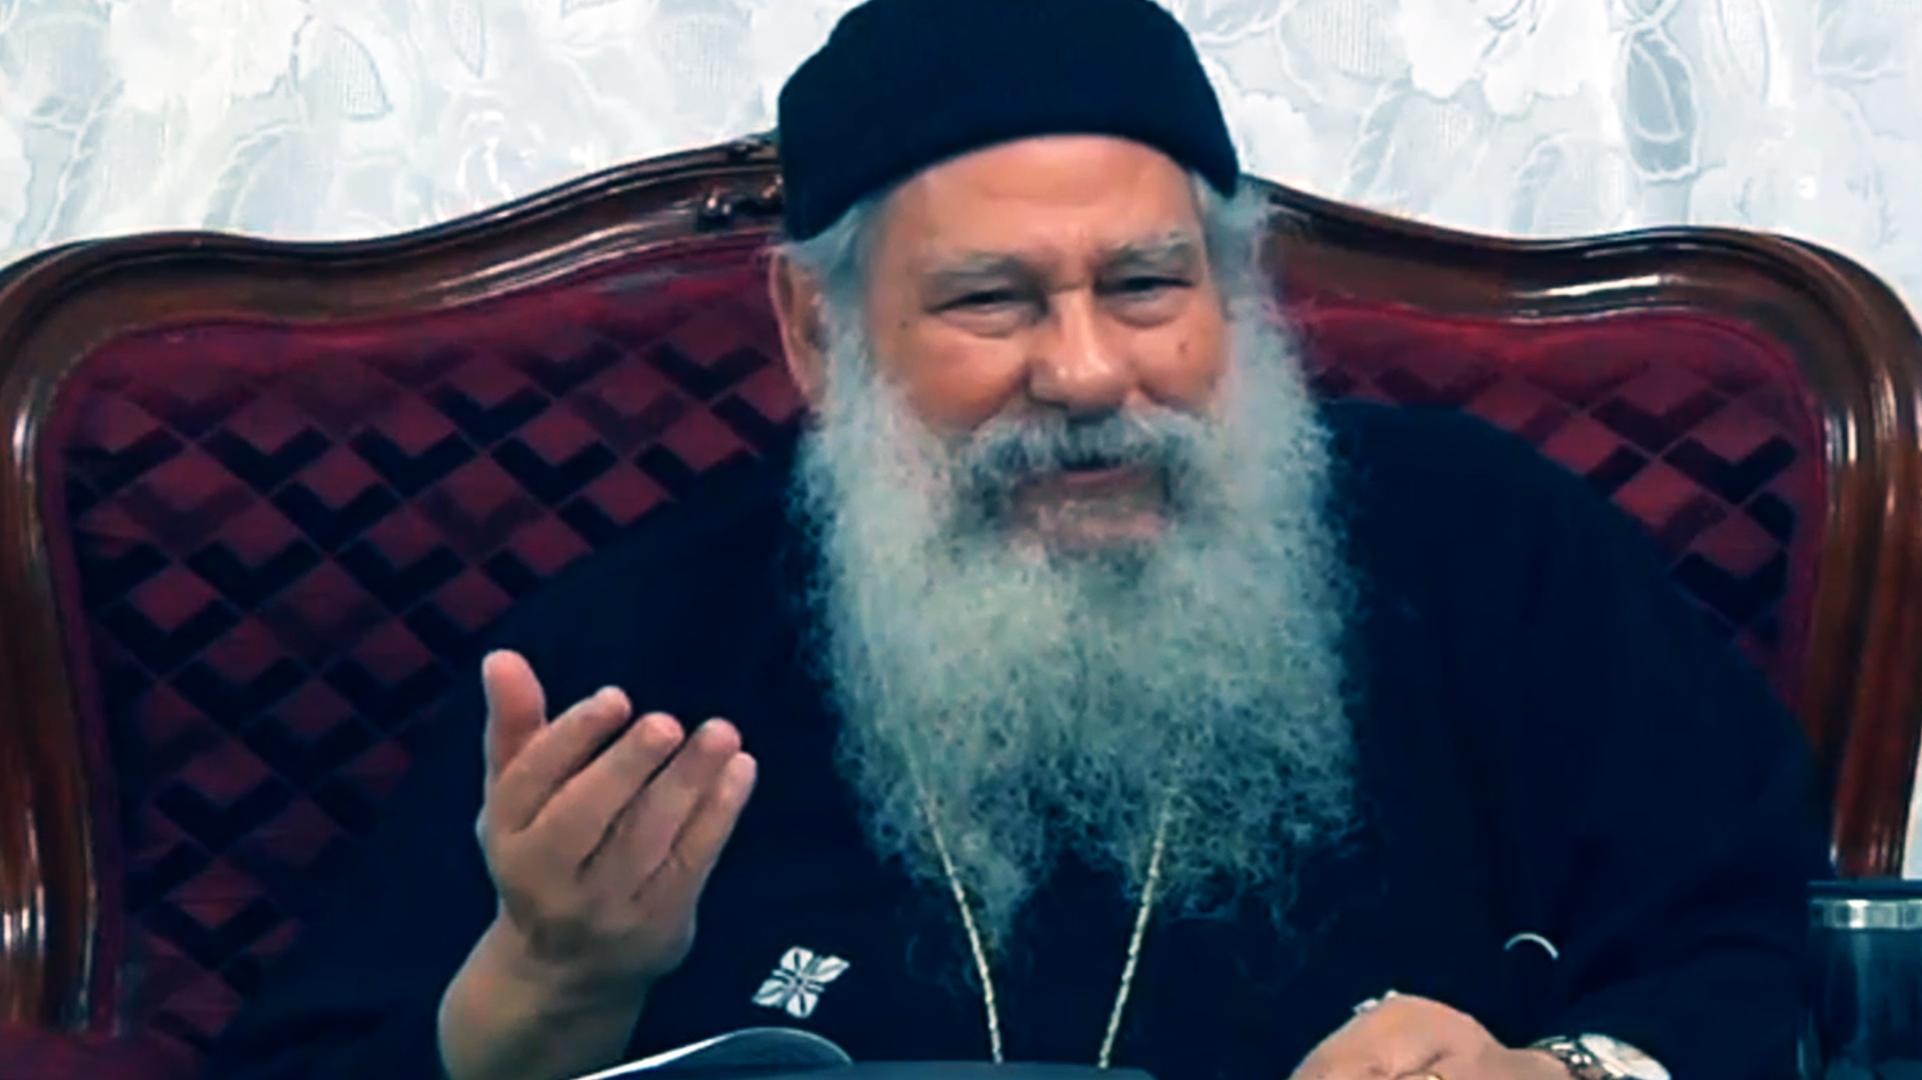 بالفيديو.. القس مكاري يونان: لن تدخل الجنة إلا إذا أشركت مع الله إلها آخر!!